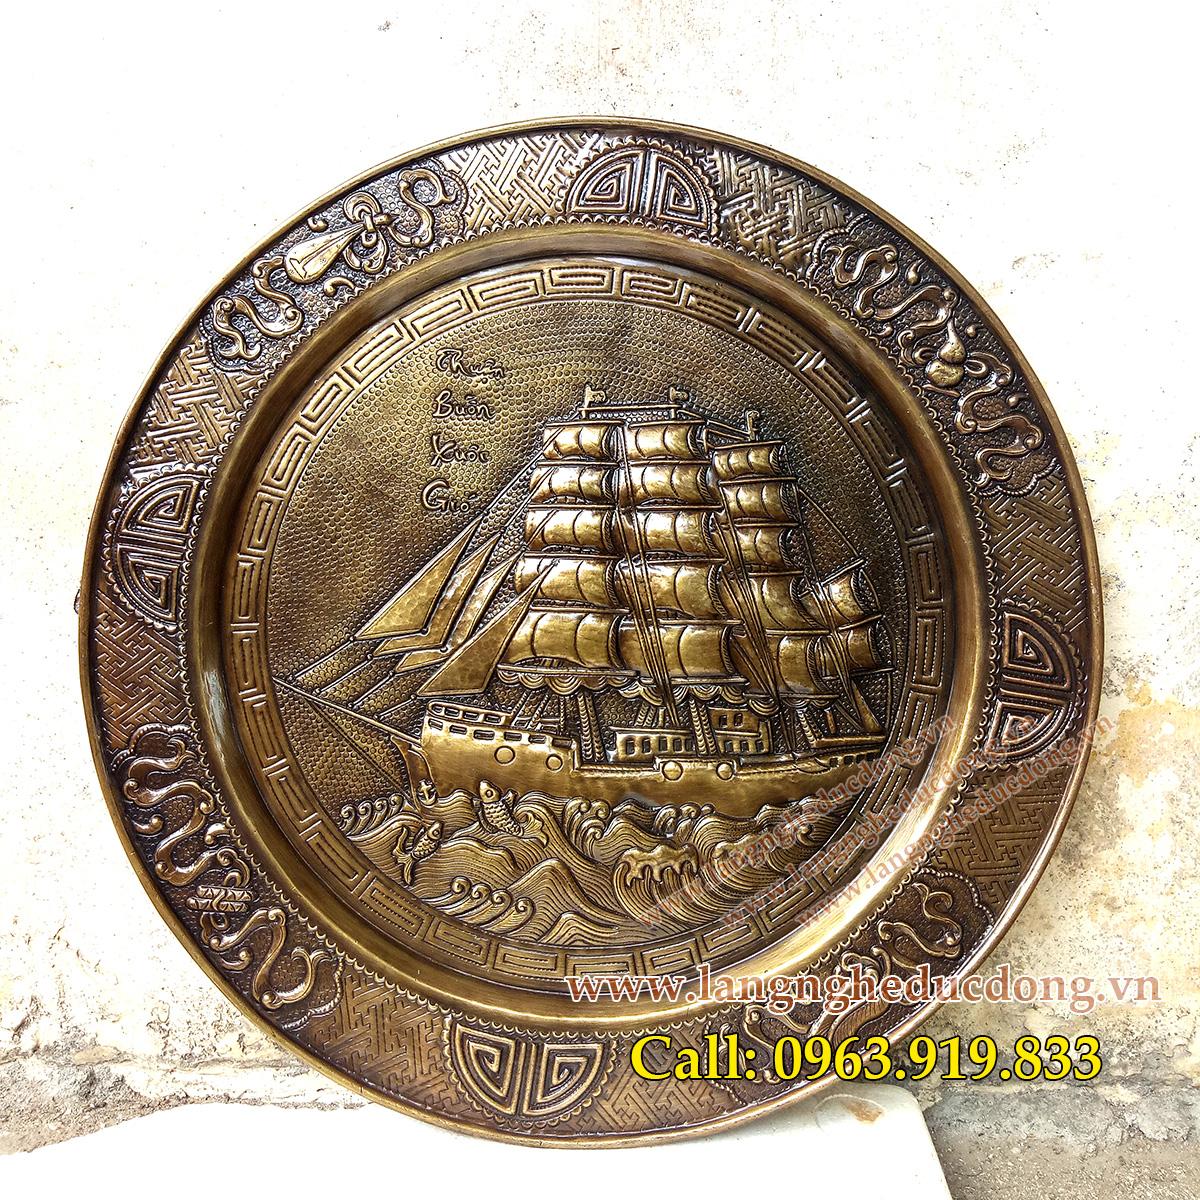 Mâm đồng đk 52cm, mâm thuận buồm xuôi gió bằng đồng